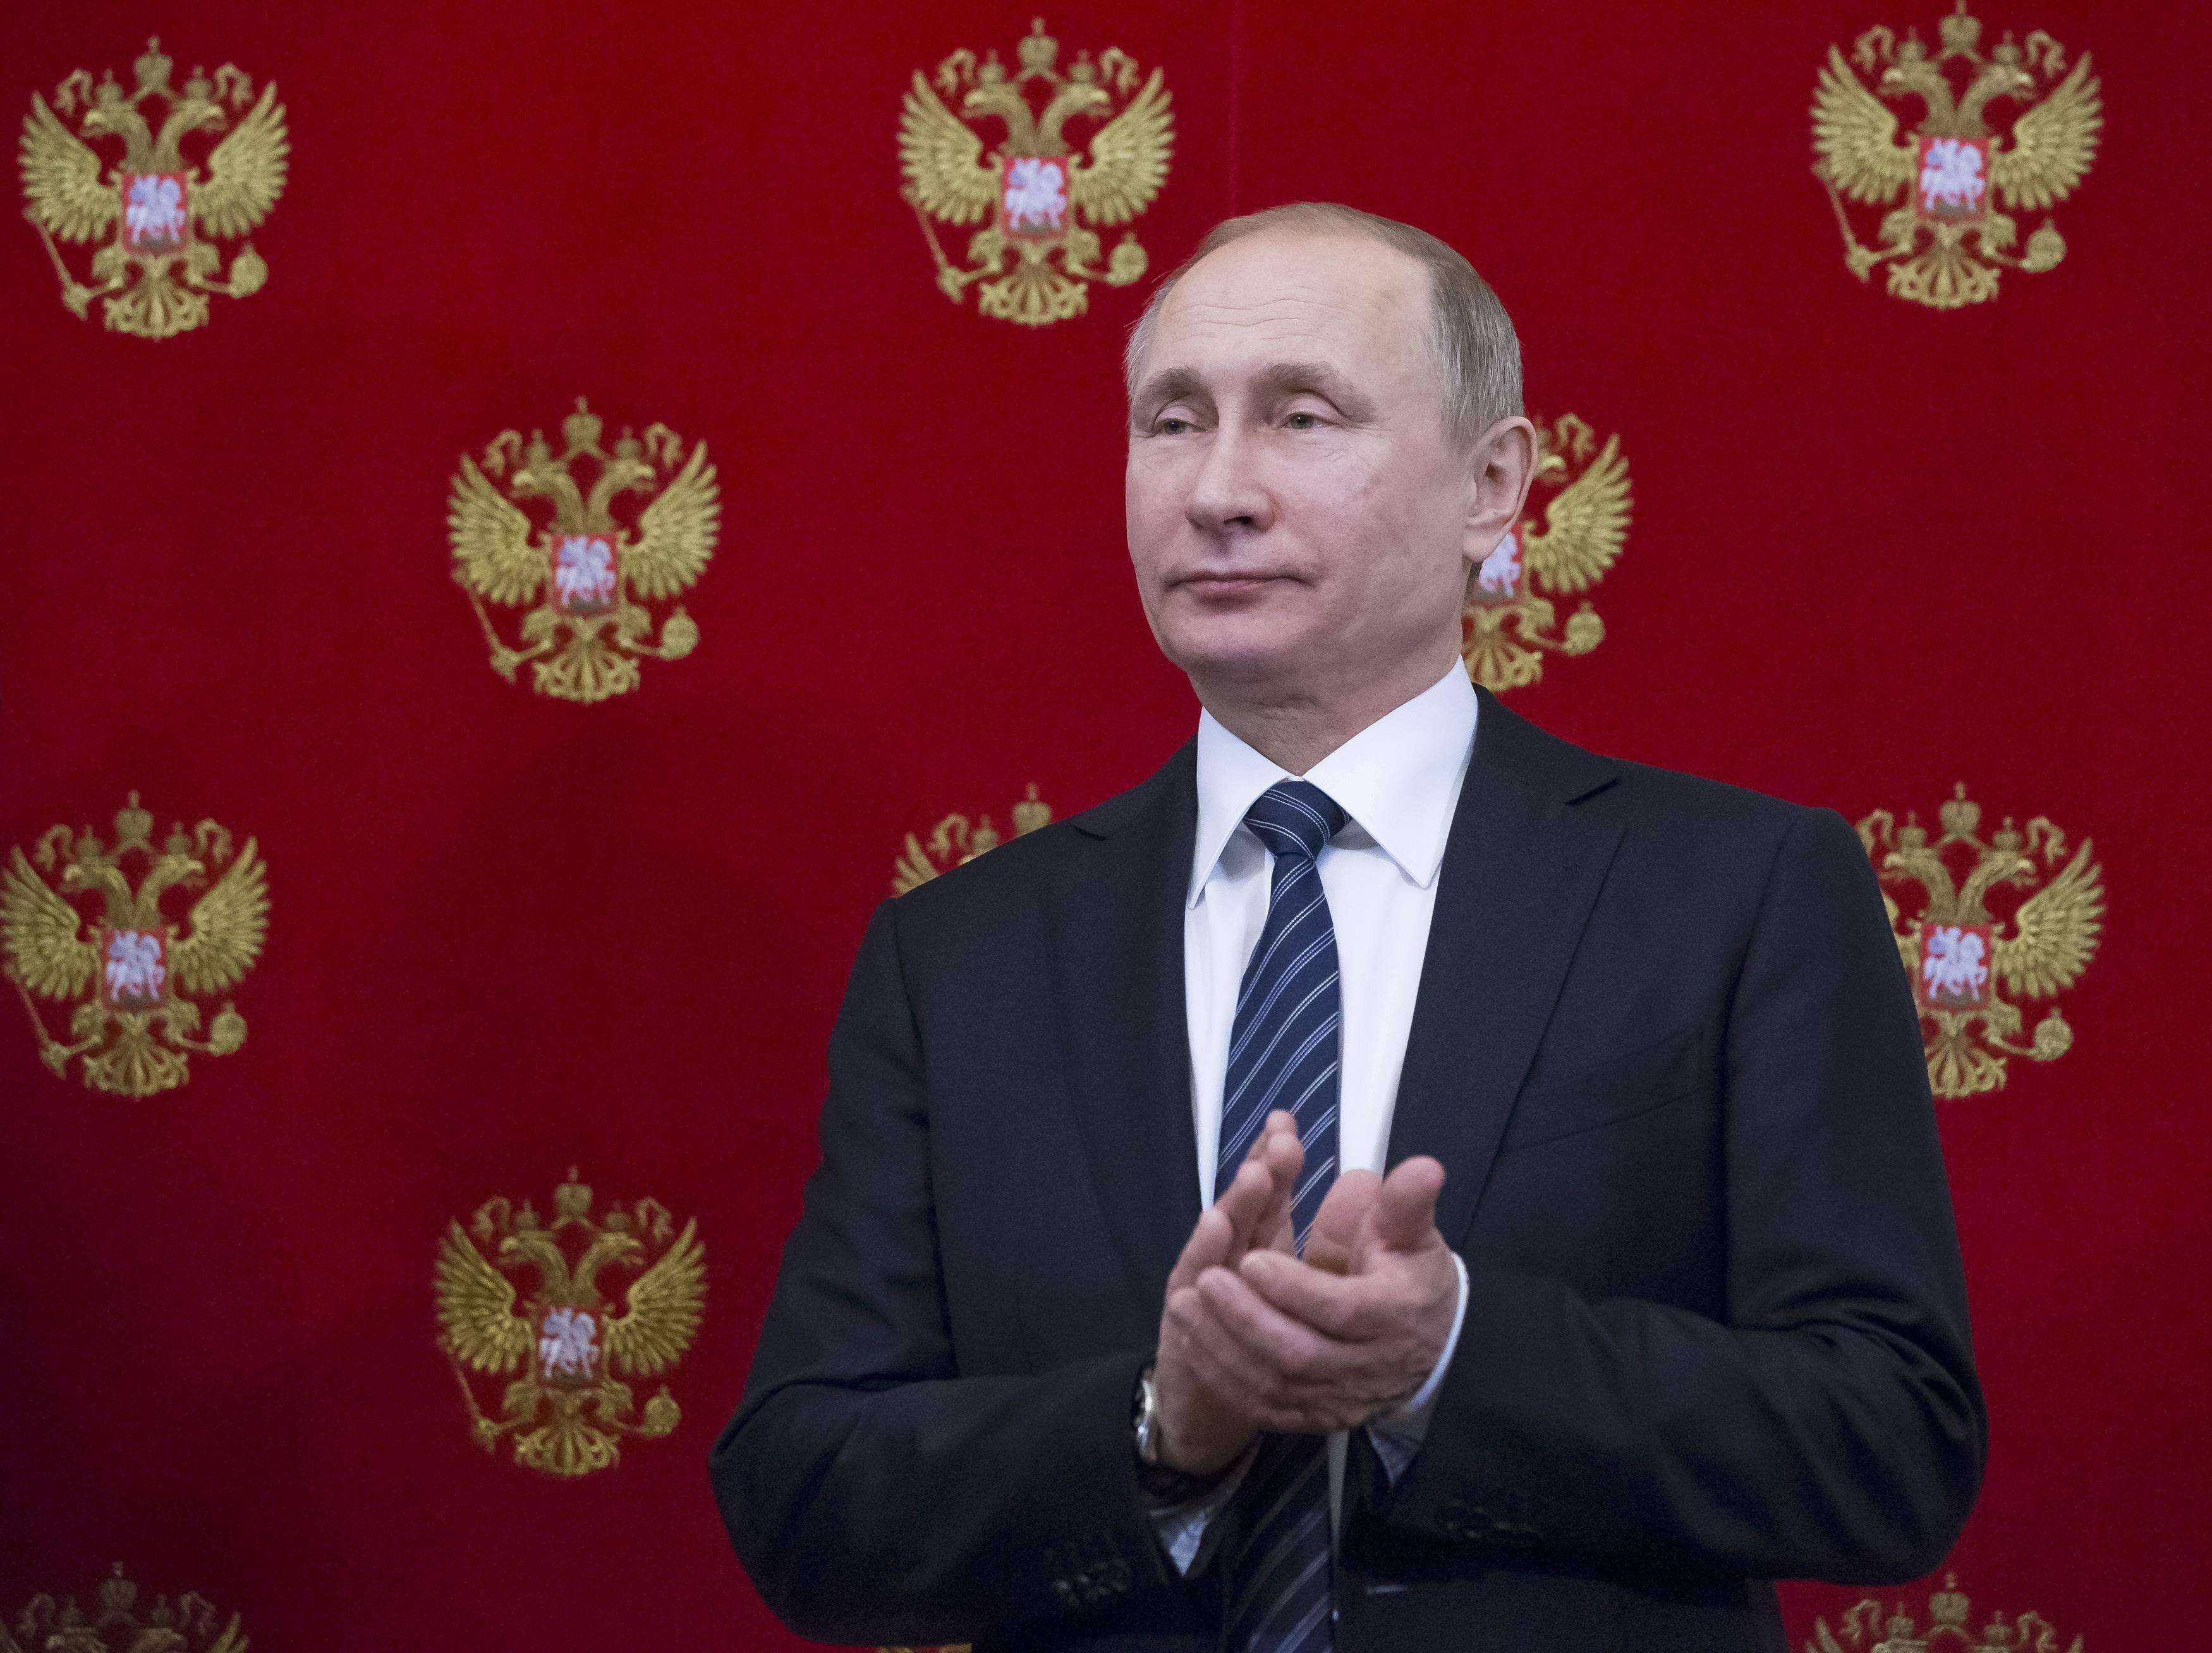 Жизни нет: Путин разозлил сеть своим новым фото